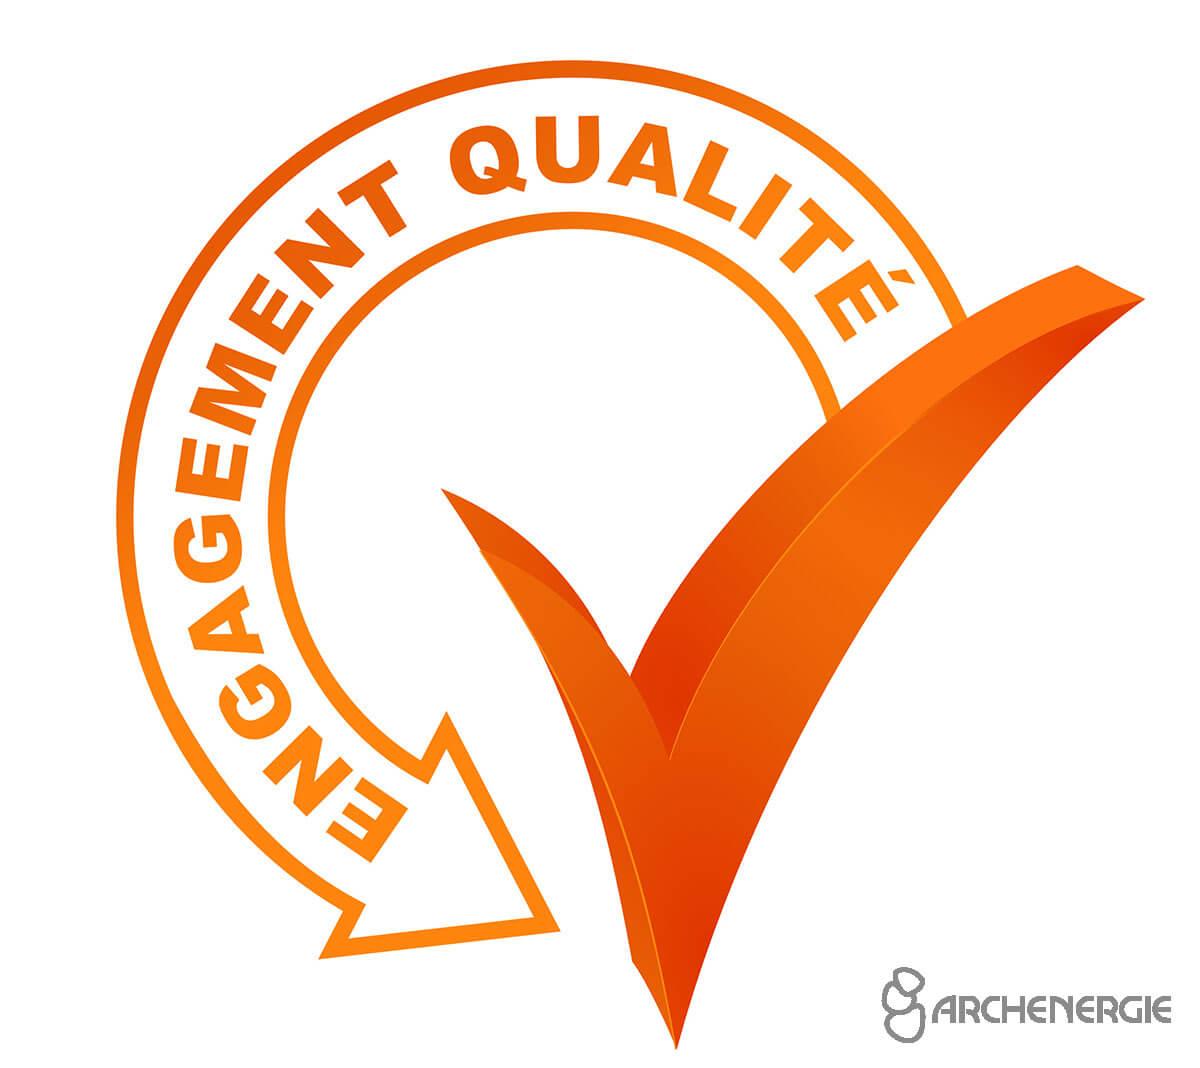 engagement qualité garantie travail de qualité labels qualibat reconnu grenelle de l'environnement RGE pro ITE Sto